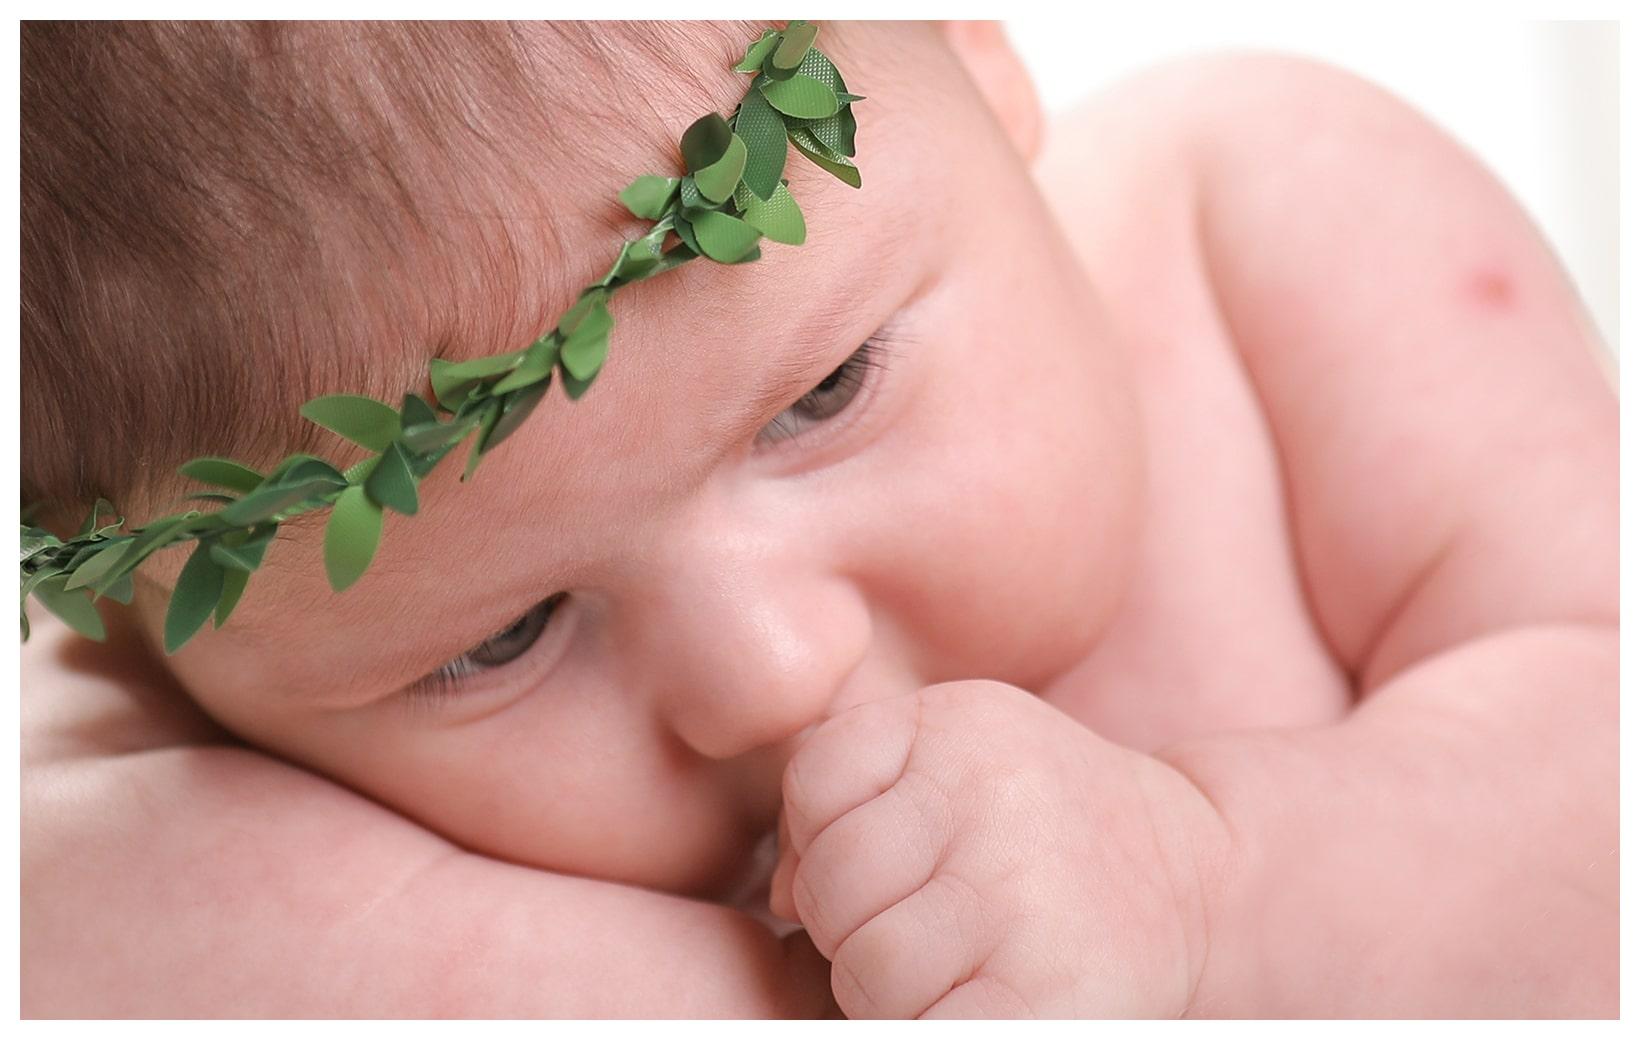 بهترین آتلیه کودک در کرج / آتلیه کودک در کرج / عکس کودک در کرج /آتلیه نوزاد در کرج/